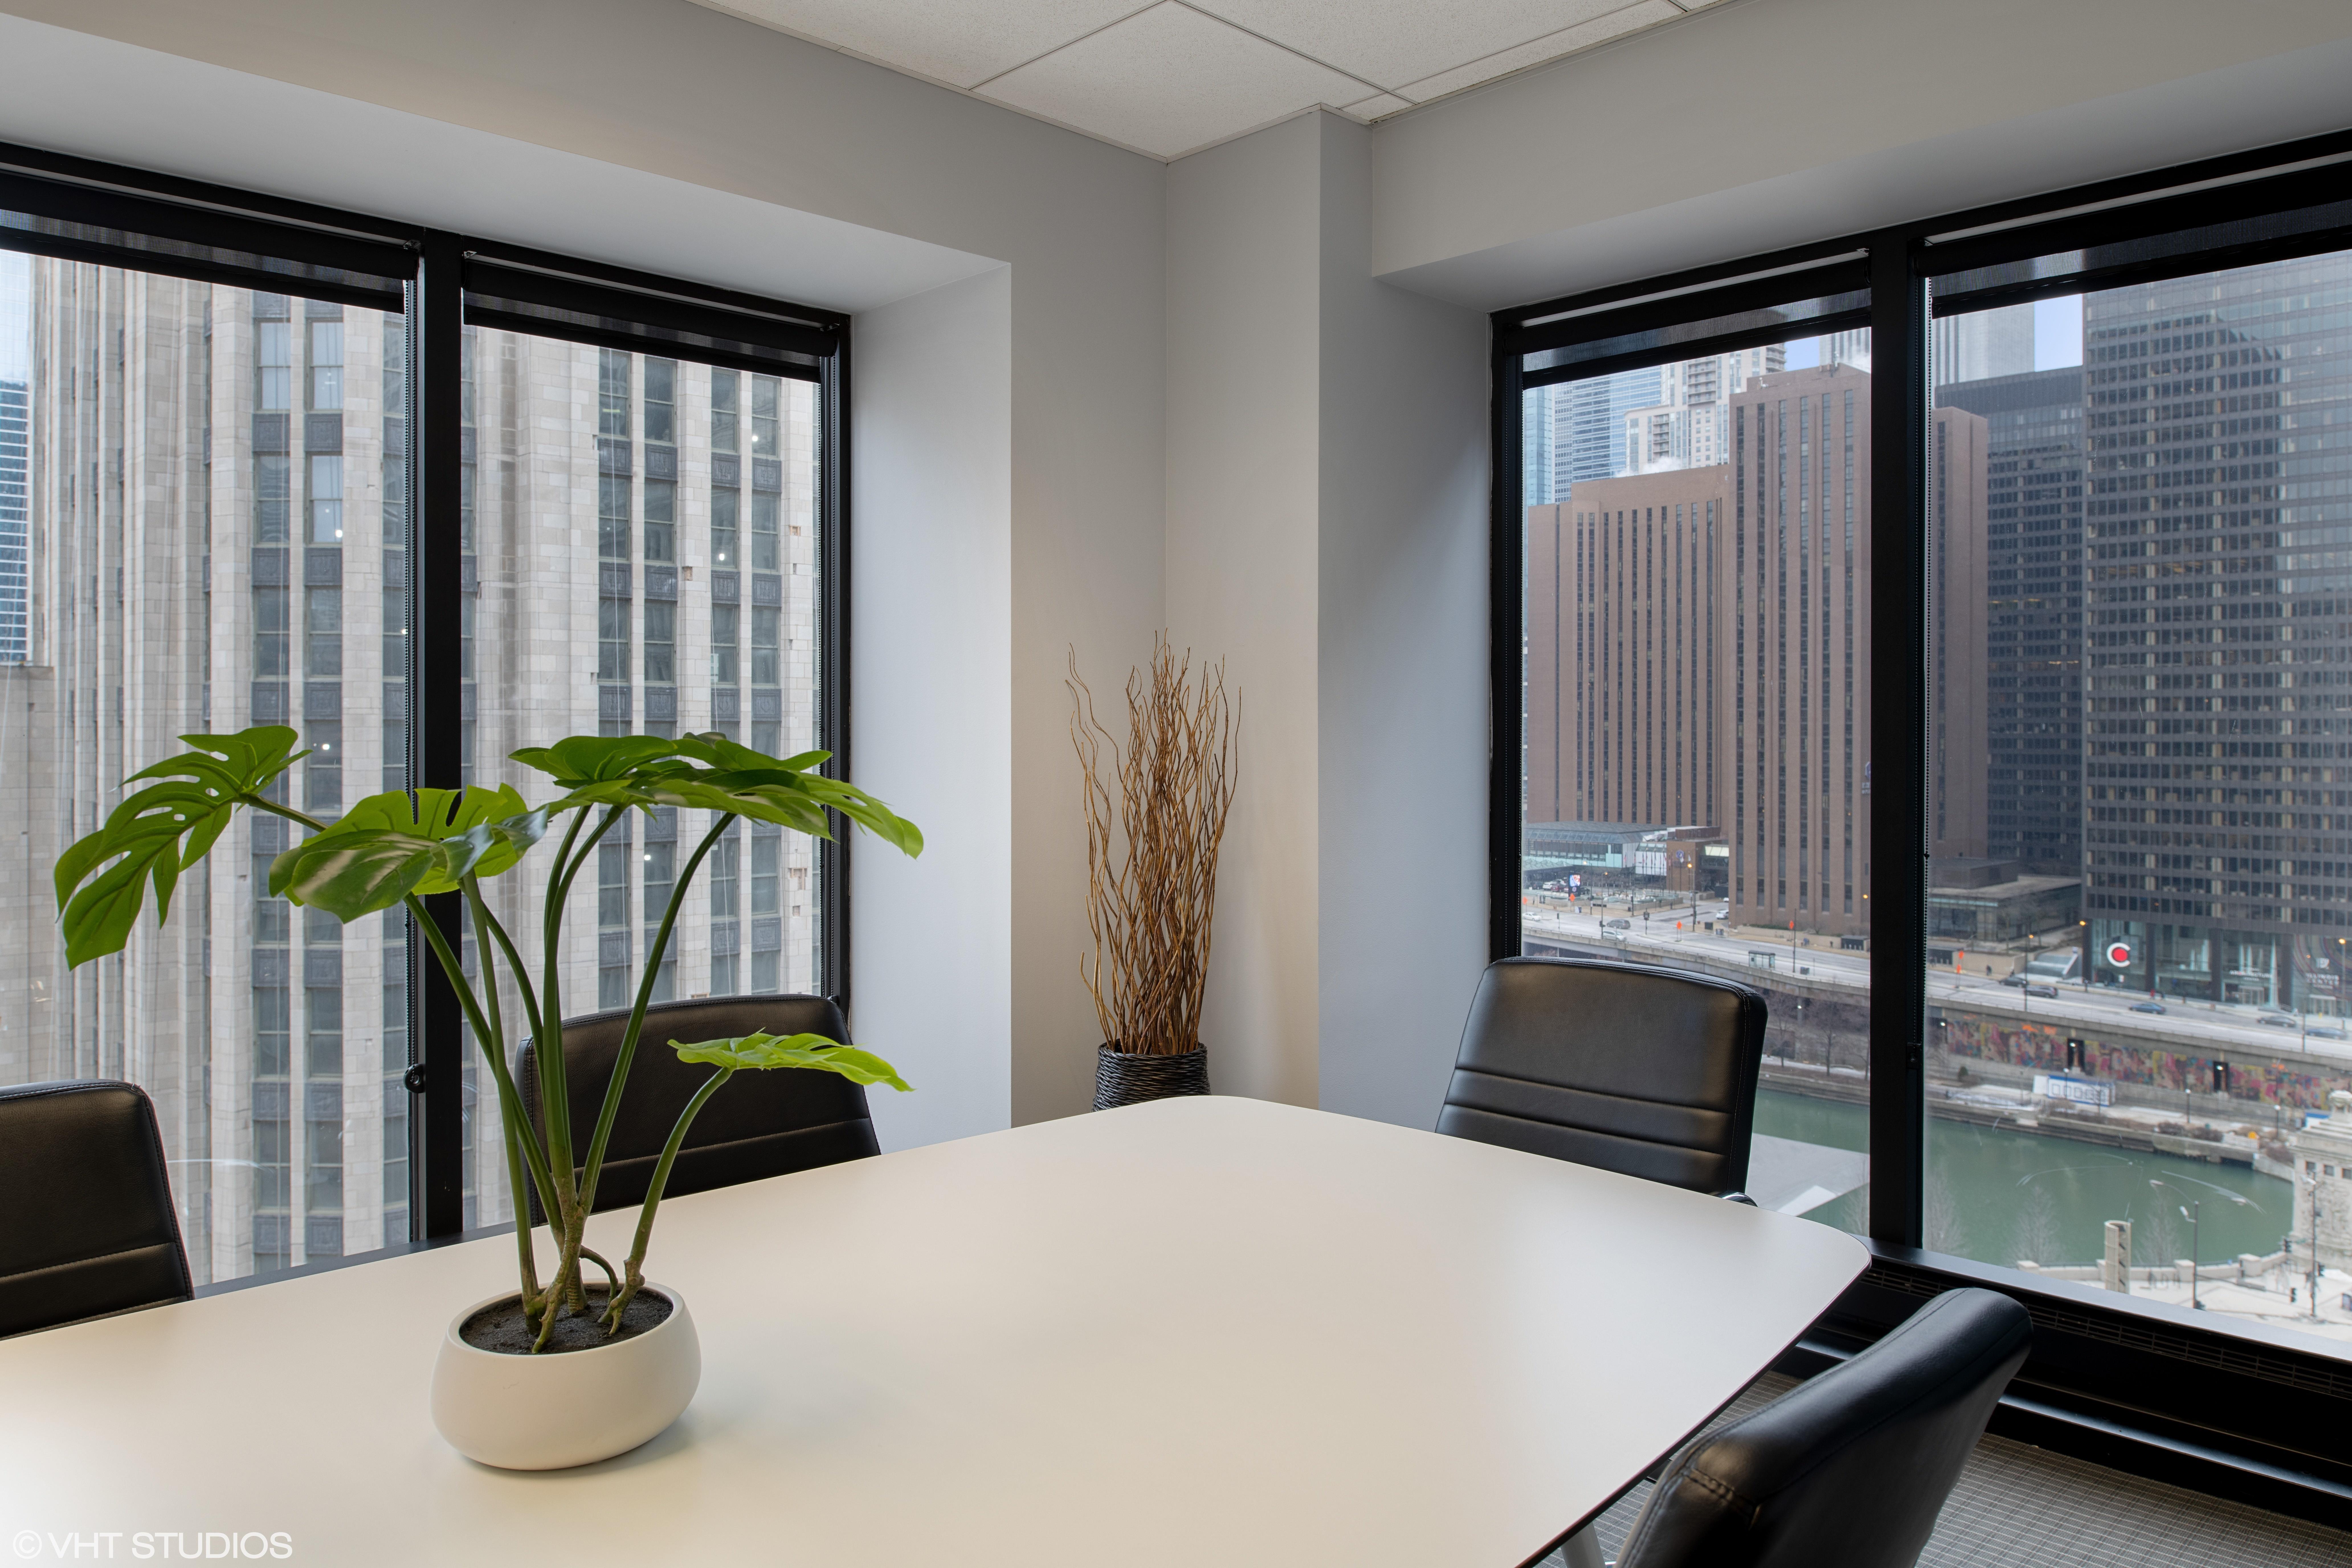 BeOffice | URBAN WORKSPACES - Monthly Corner Workspace